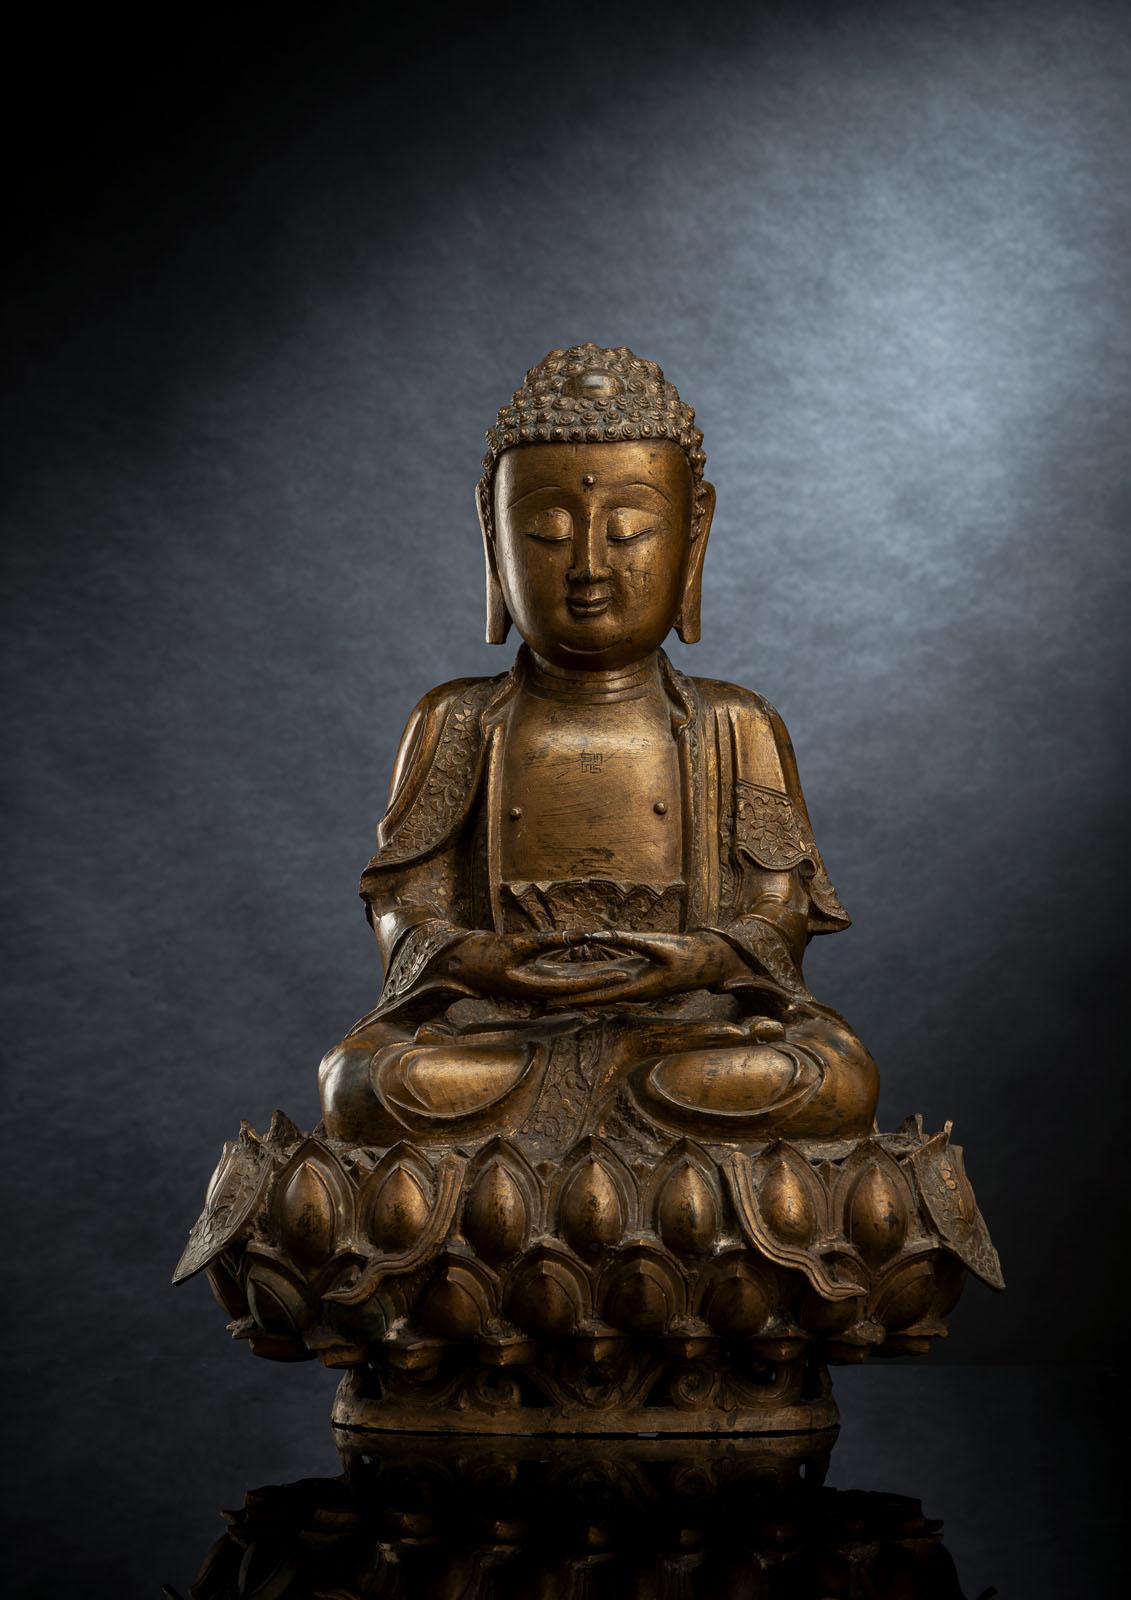 A GILT-LACQUERED BRONZE FIGURE OF BUDDHA SHAKYAMUNI